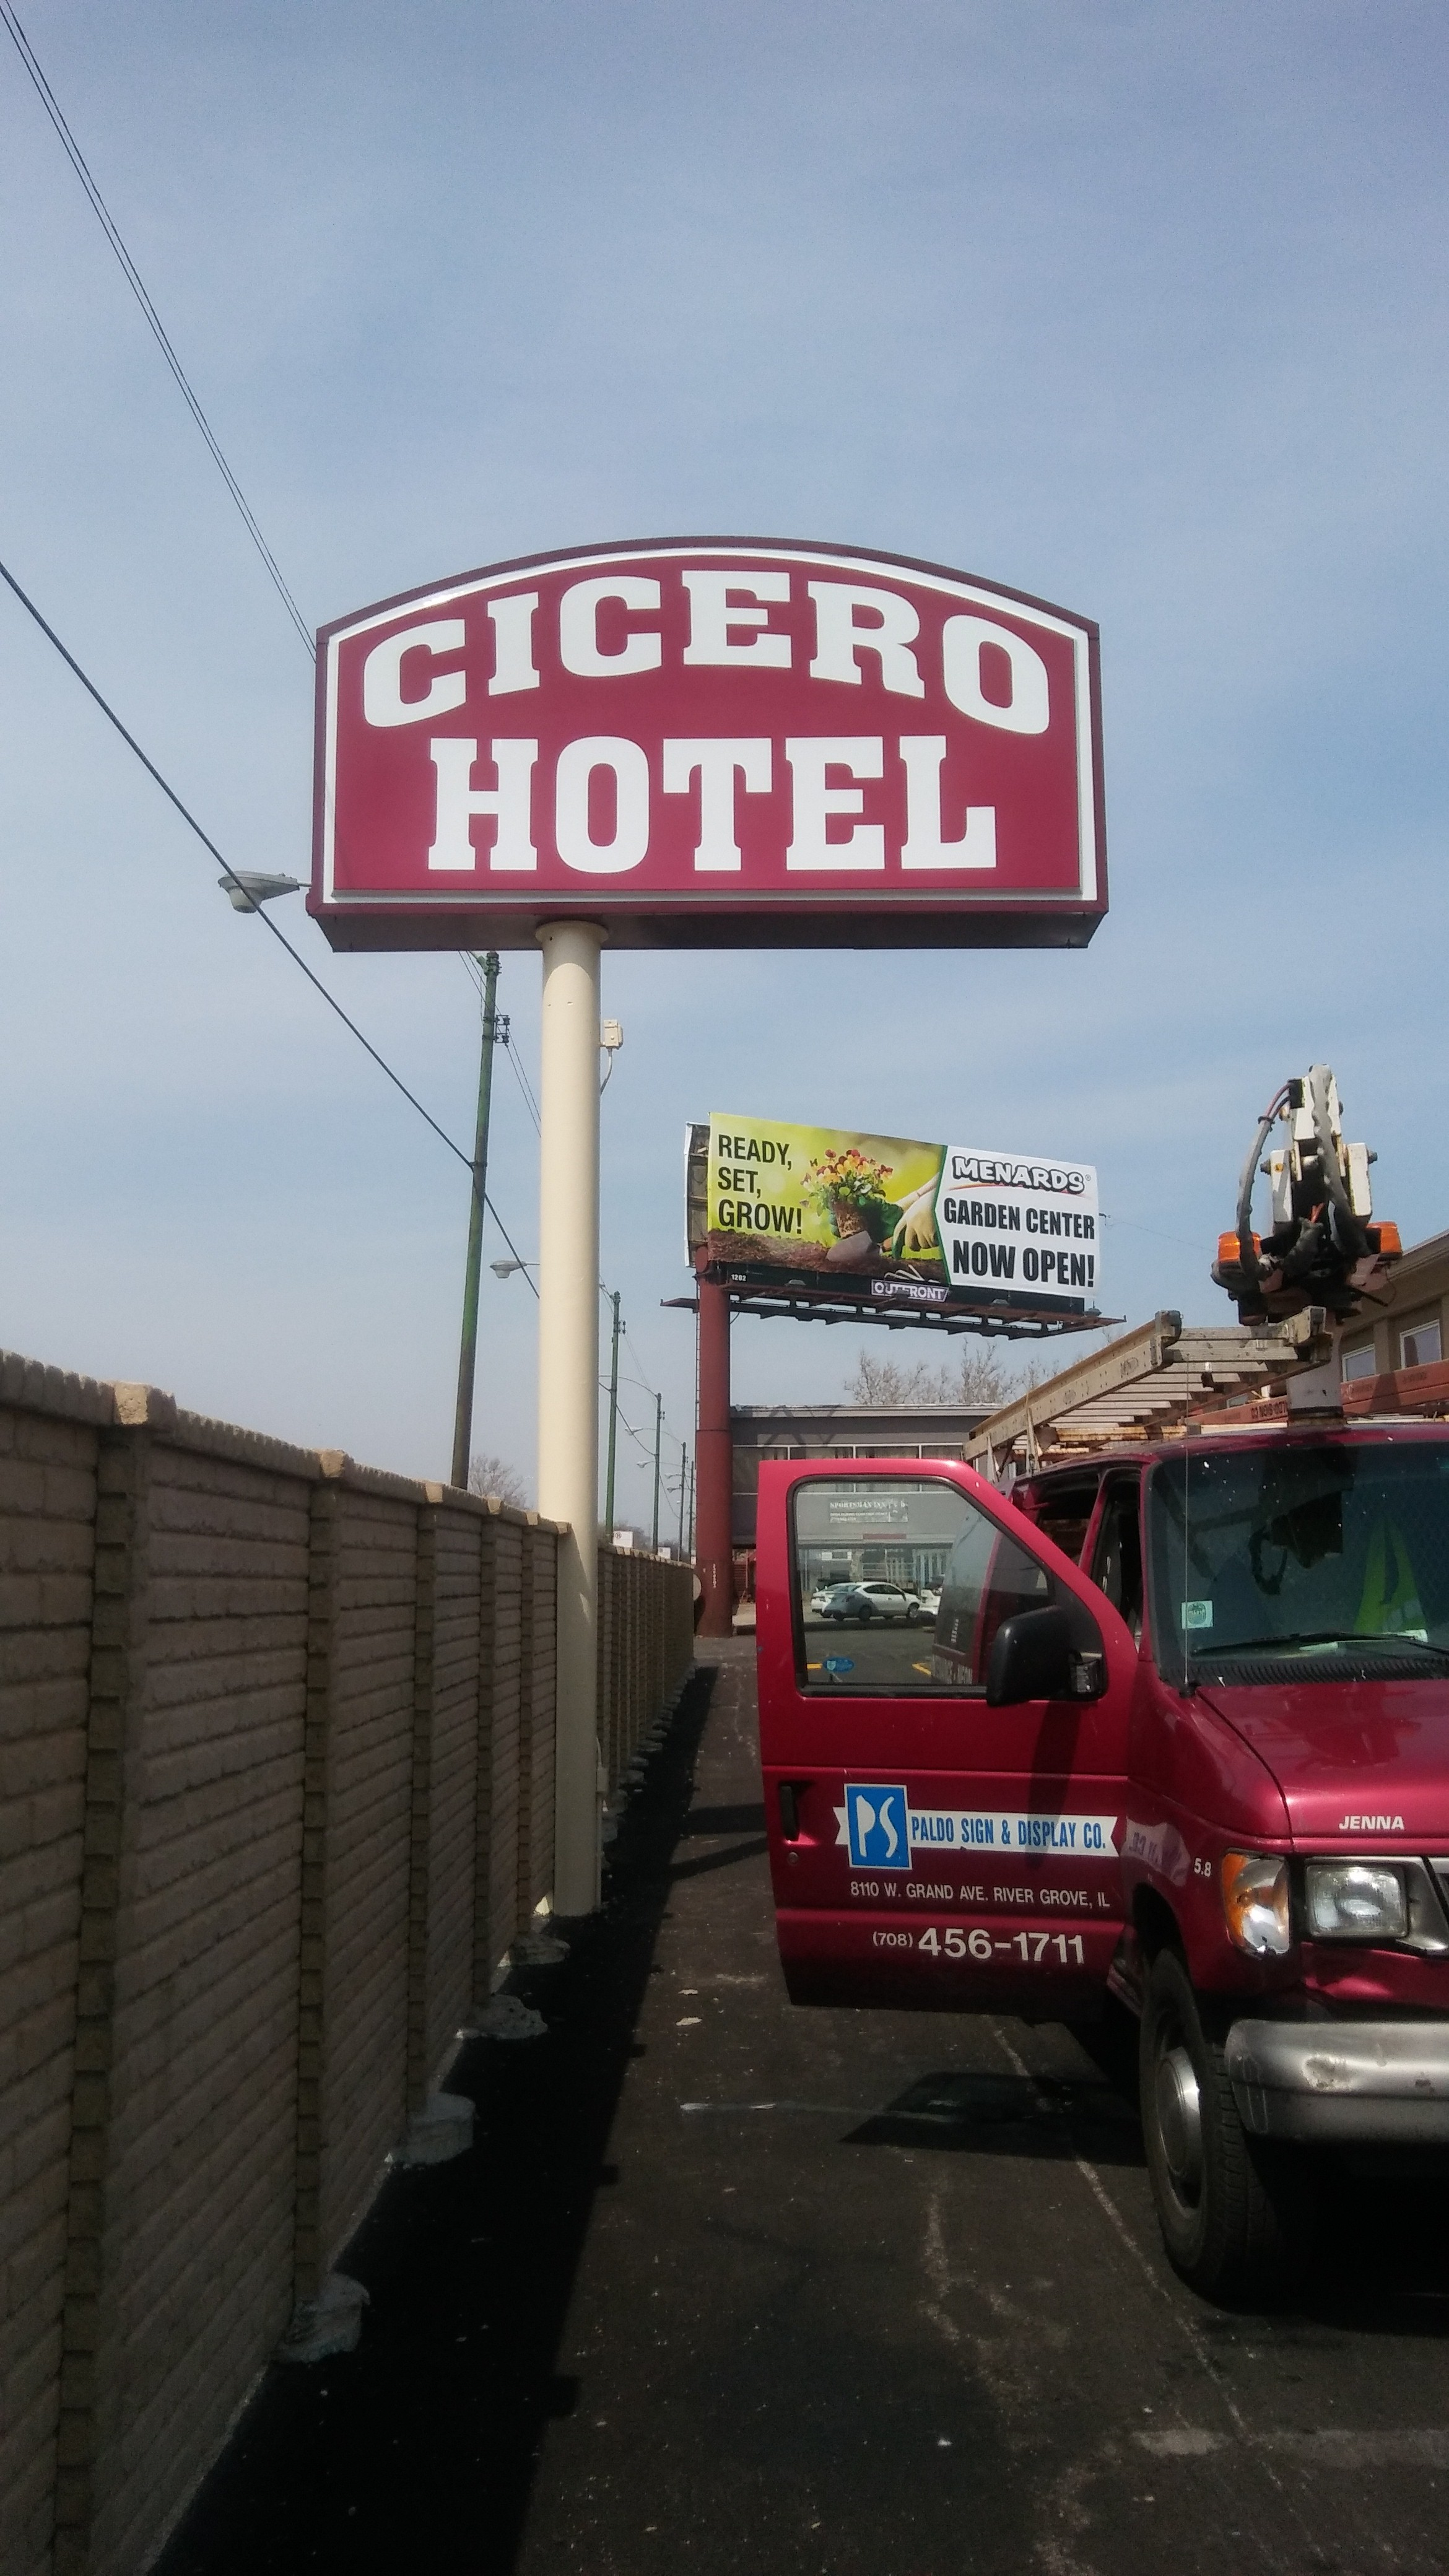 cicero hotel 2.jpg